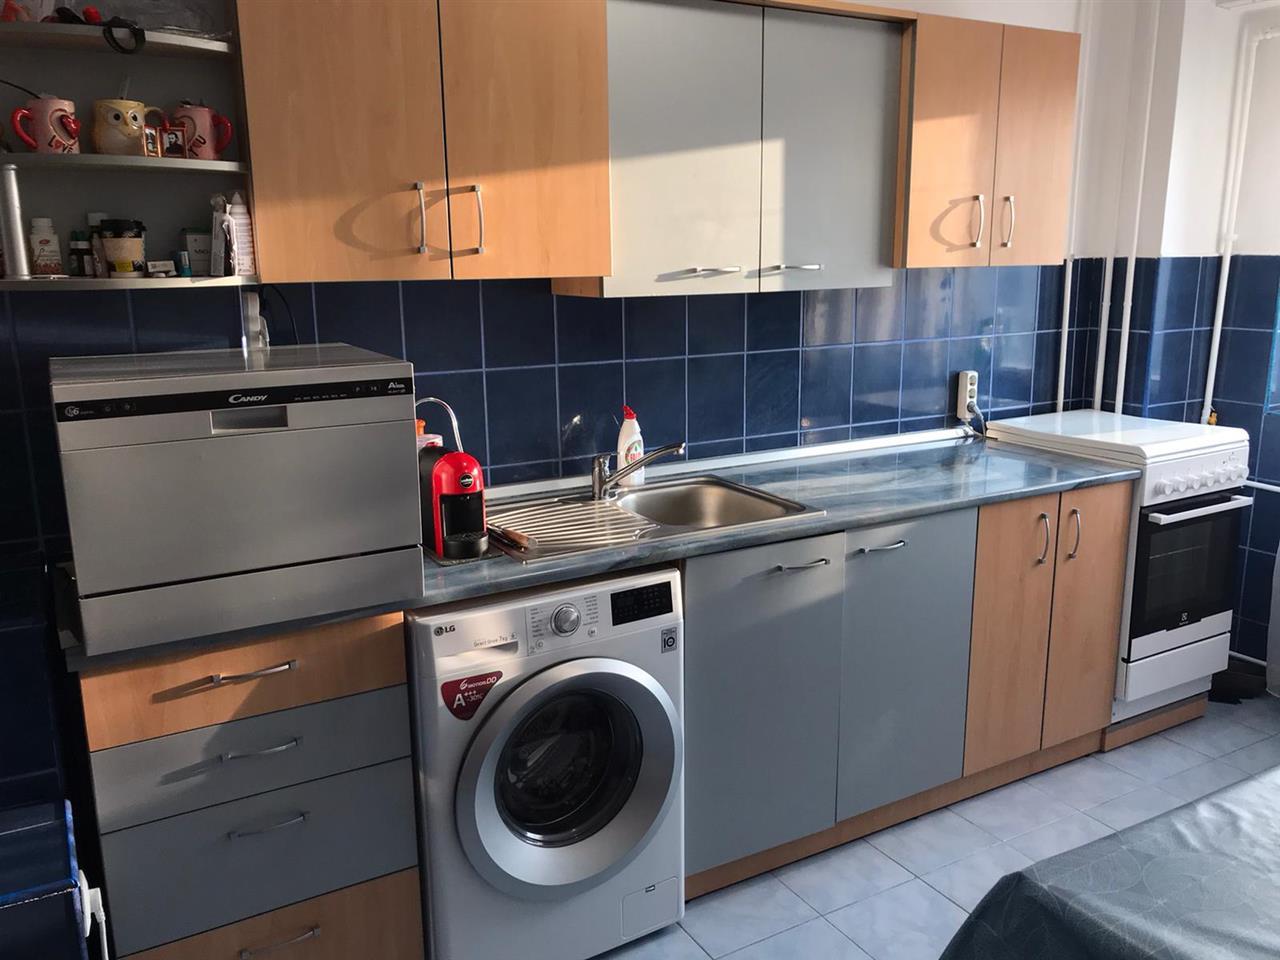 Apartament cu 3 camere de inchiriat, Marasti, str. Teodor Mihaly